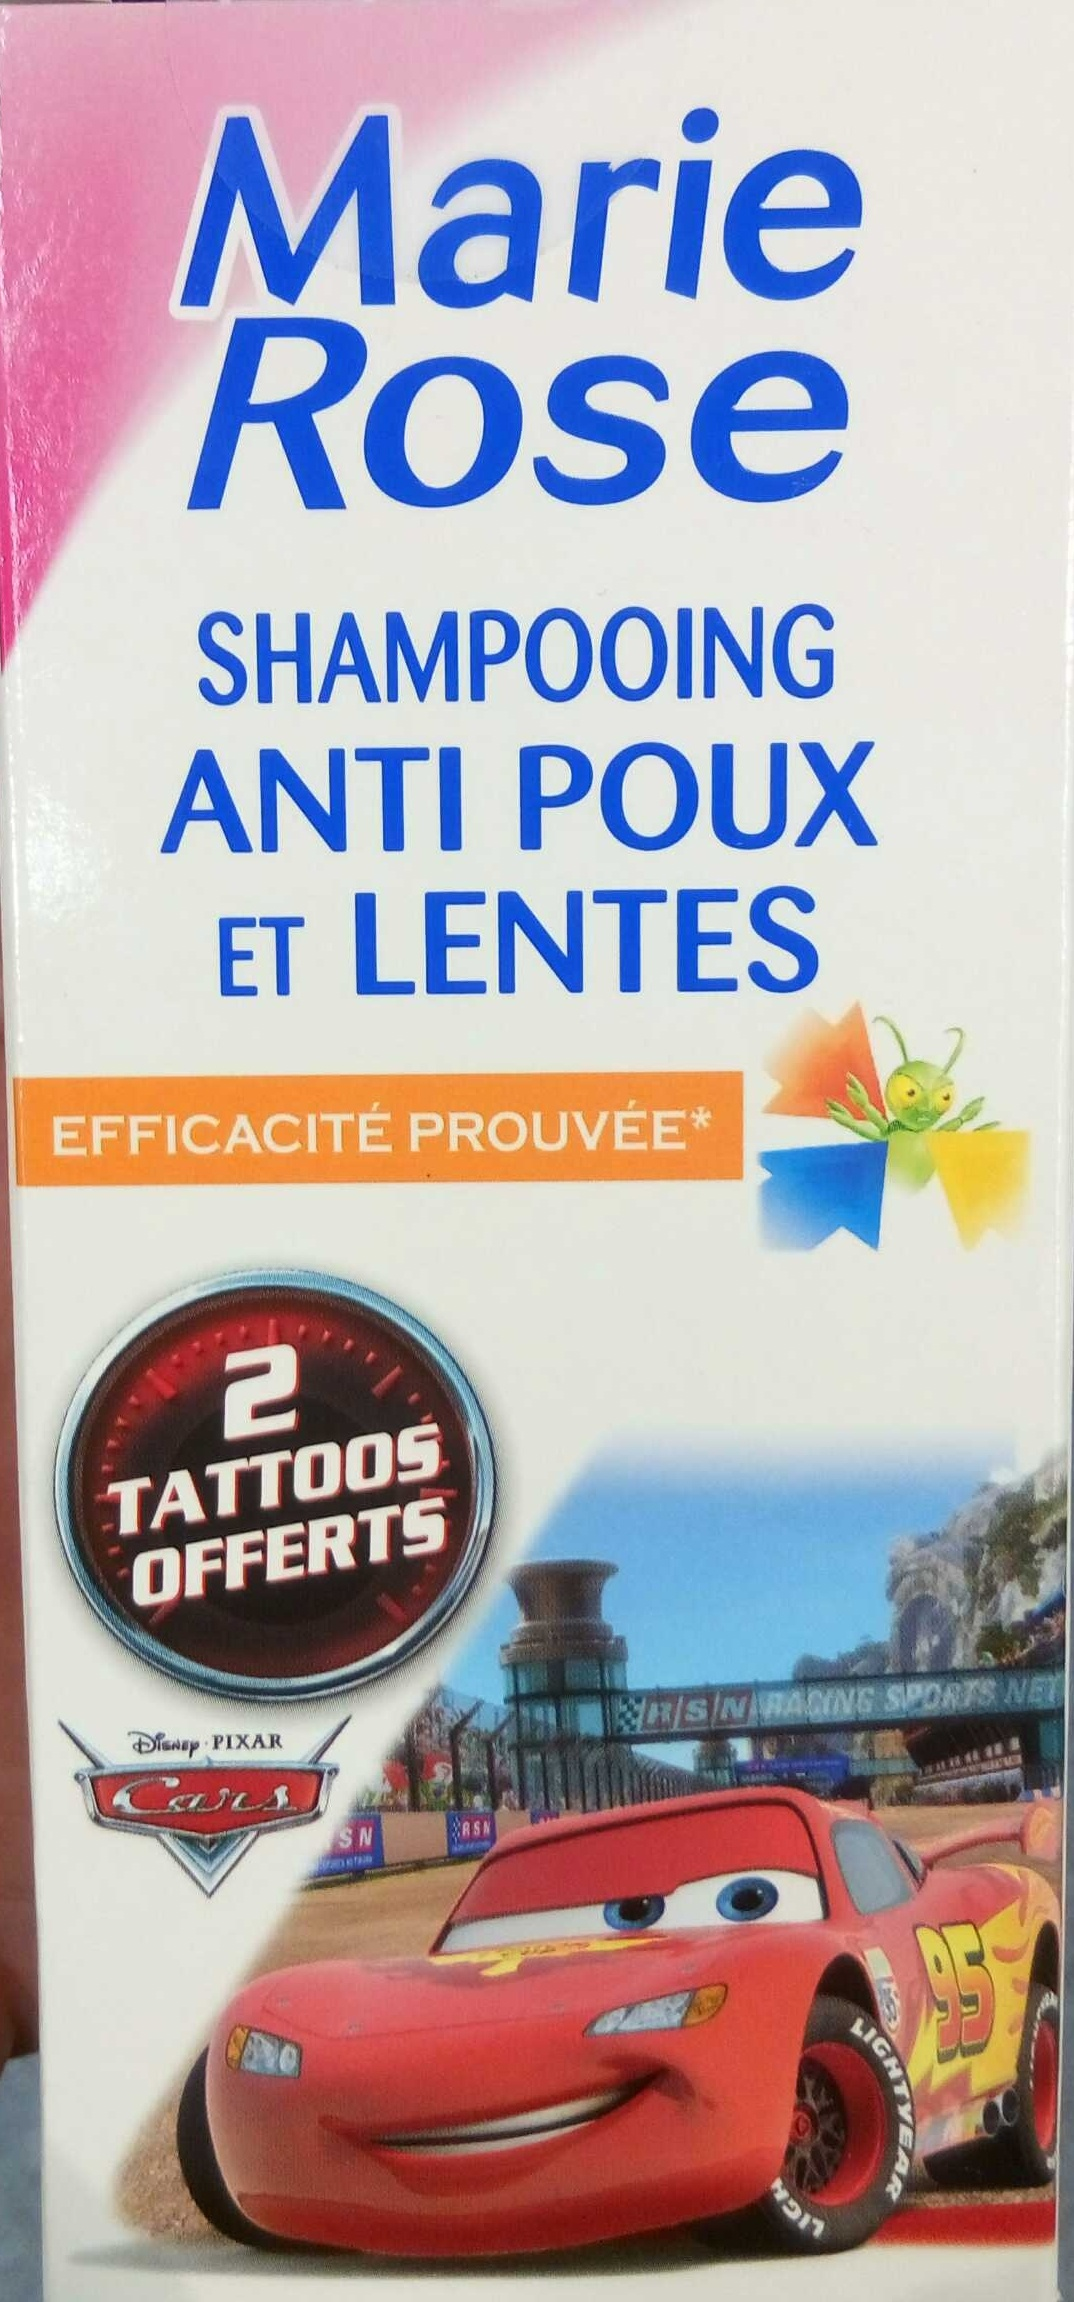 Shampooing anti poux et lentes - Product - en